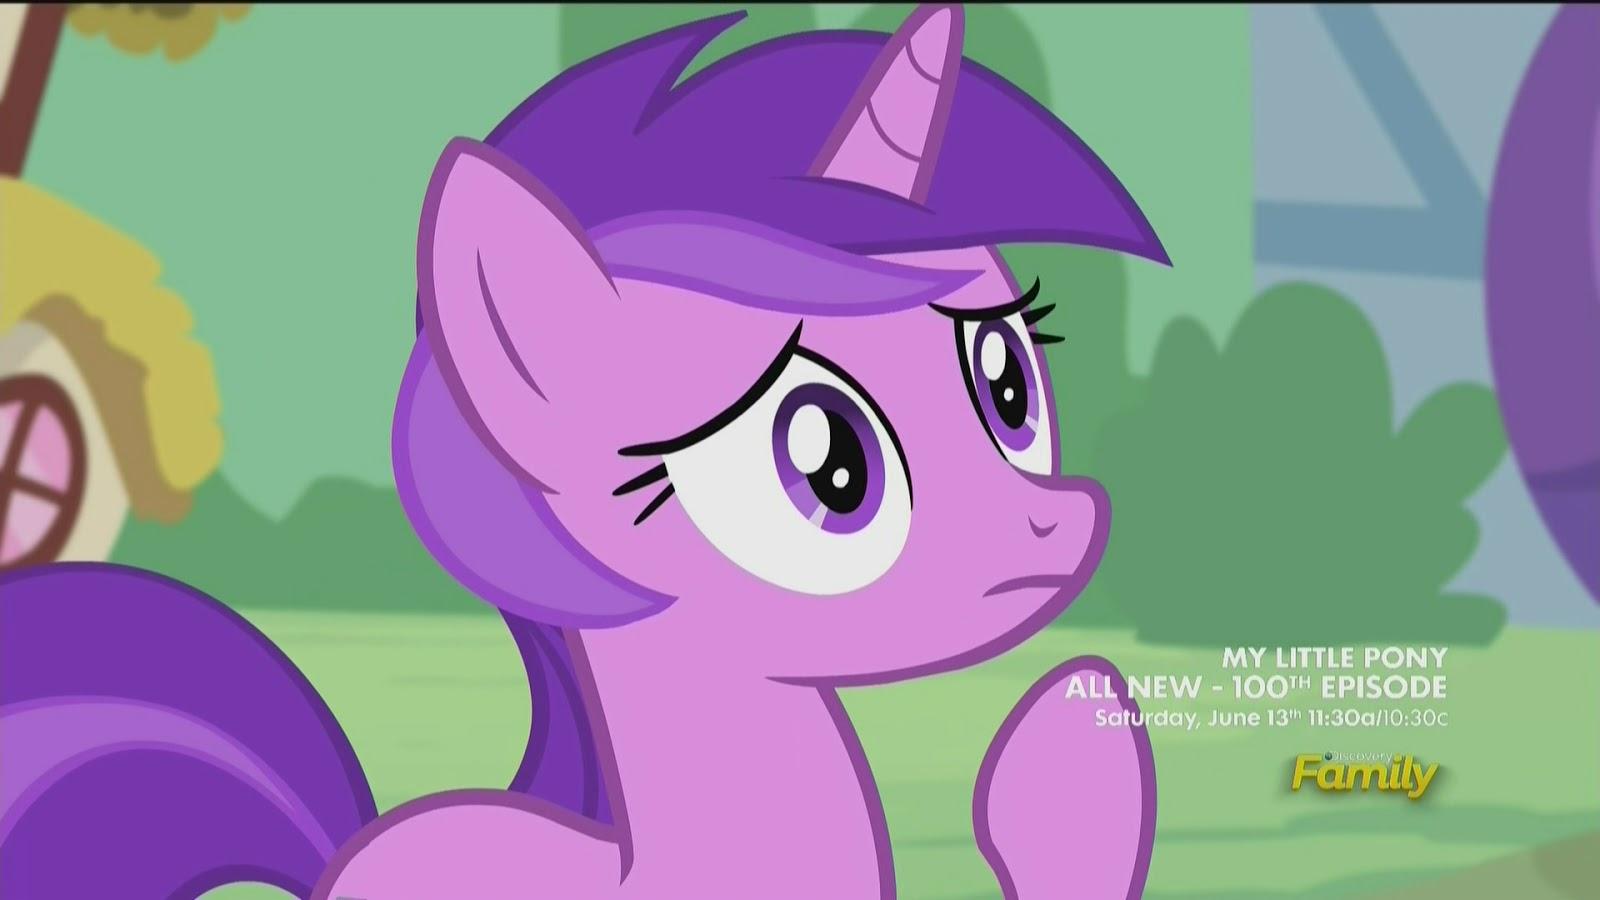 Equestria Daily - MLP Stuff!: More Episode 100 Screenshots! Villians